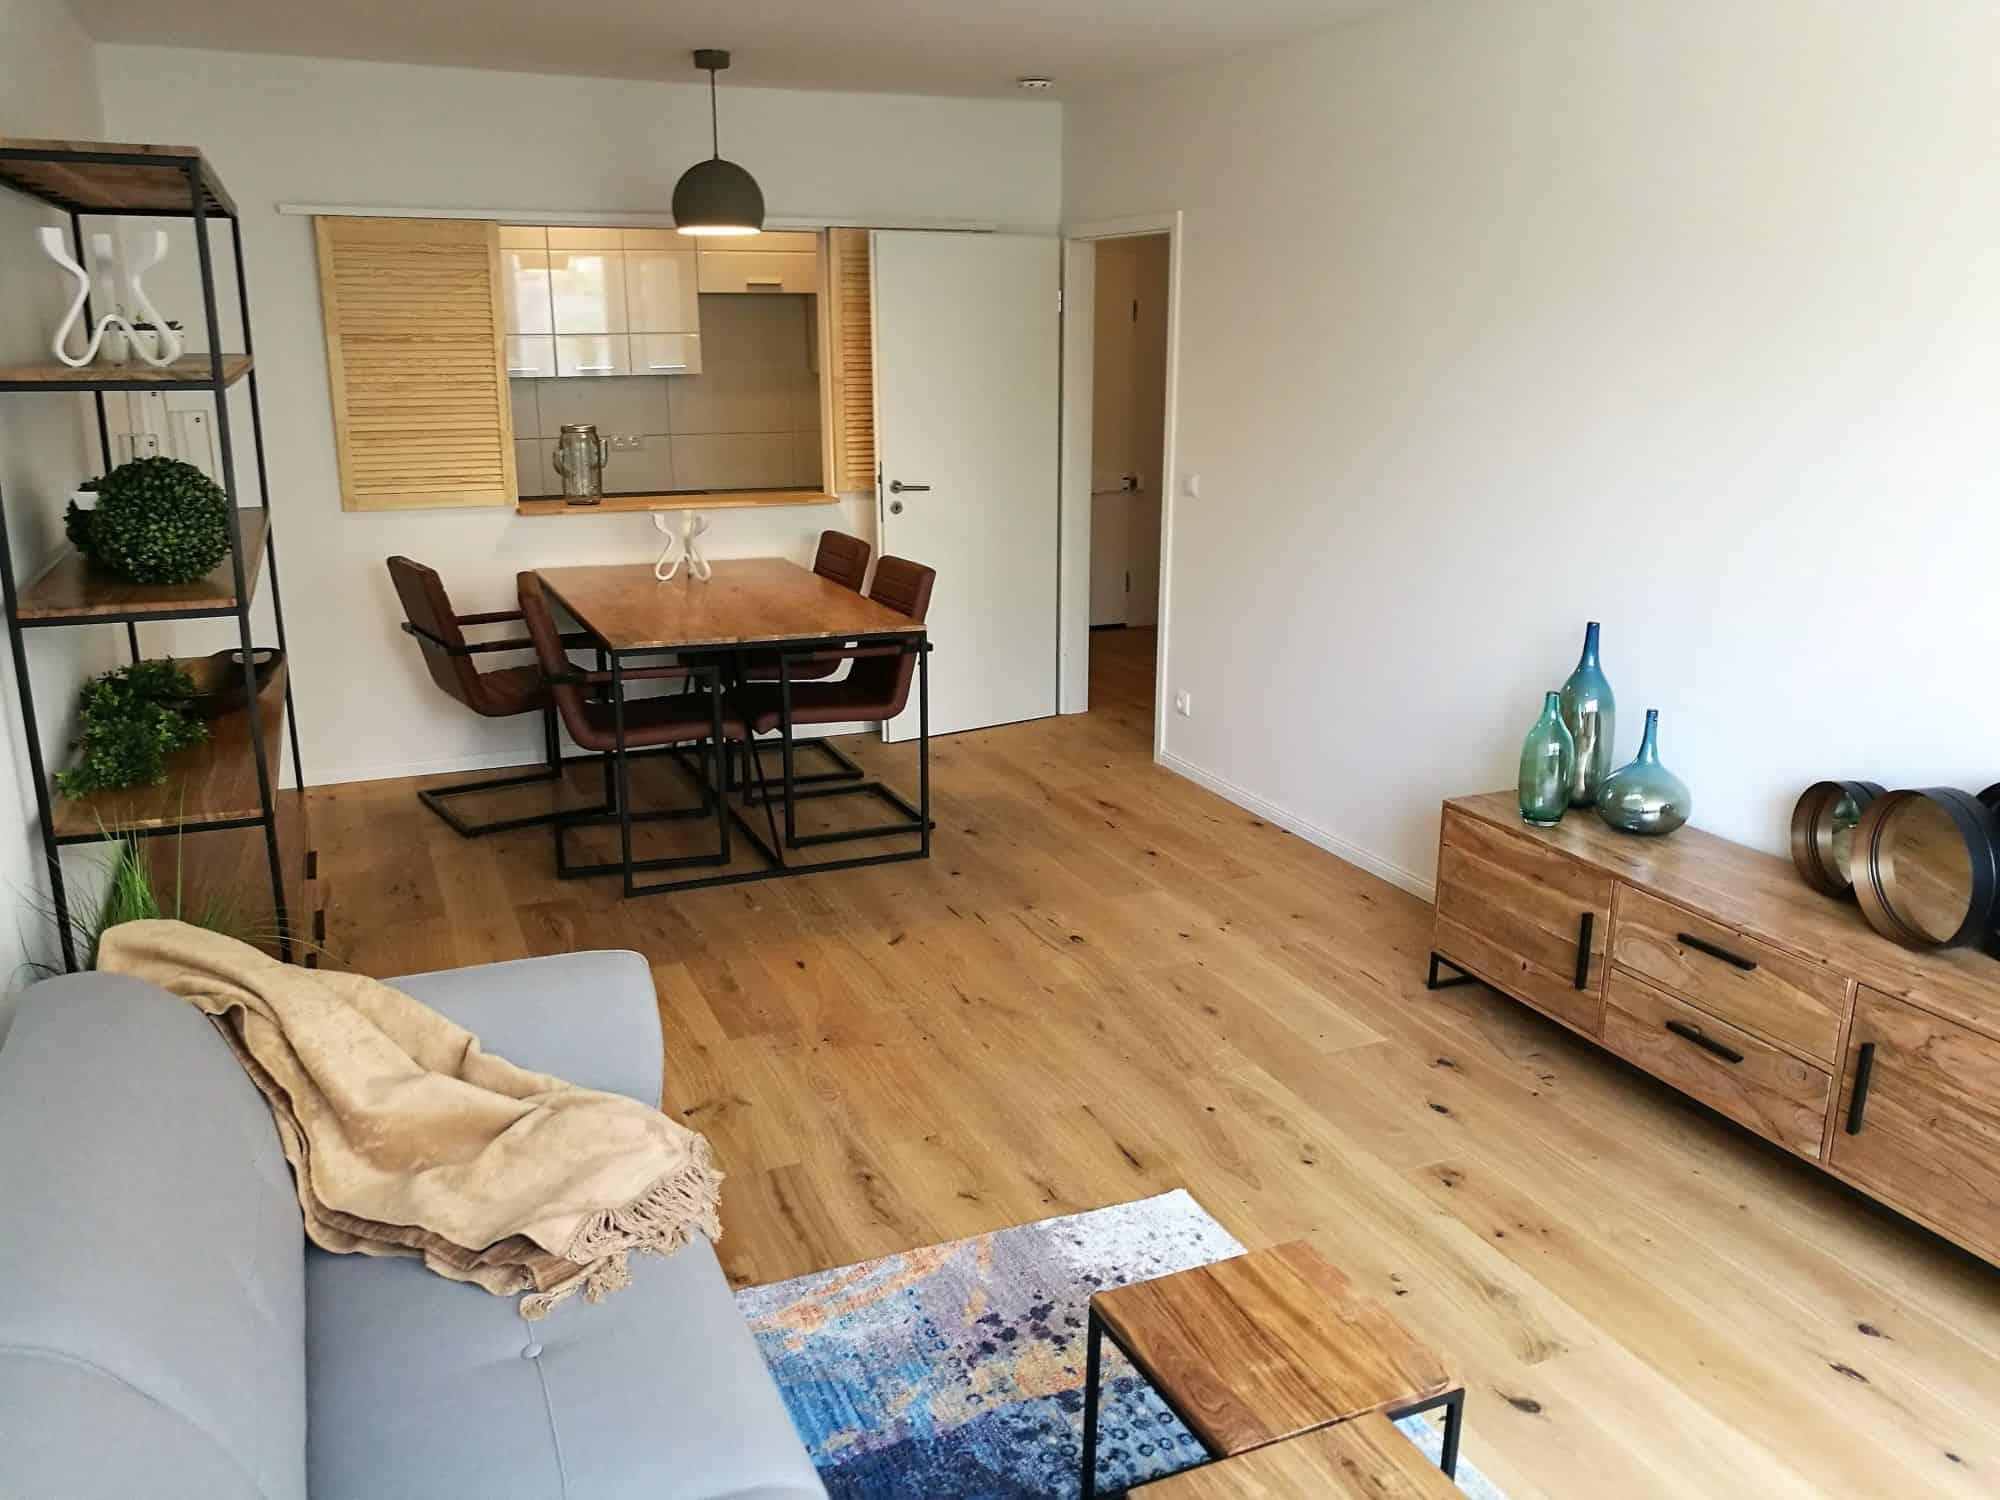 Eigentumswohnung in Hamburg Eppendorf direkt vom Eigentümer - Wohnzimmeransicht 1